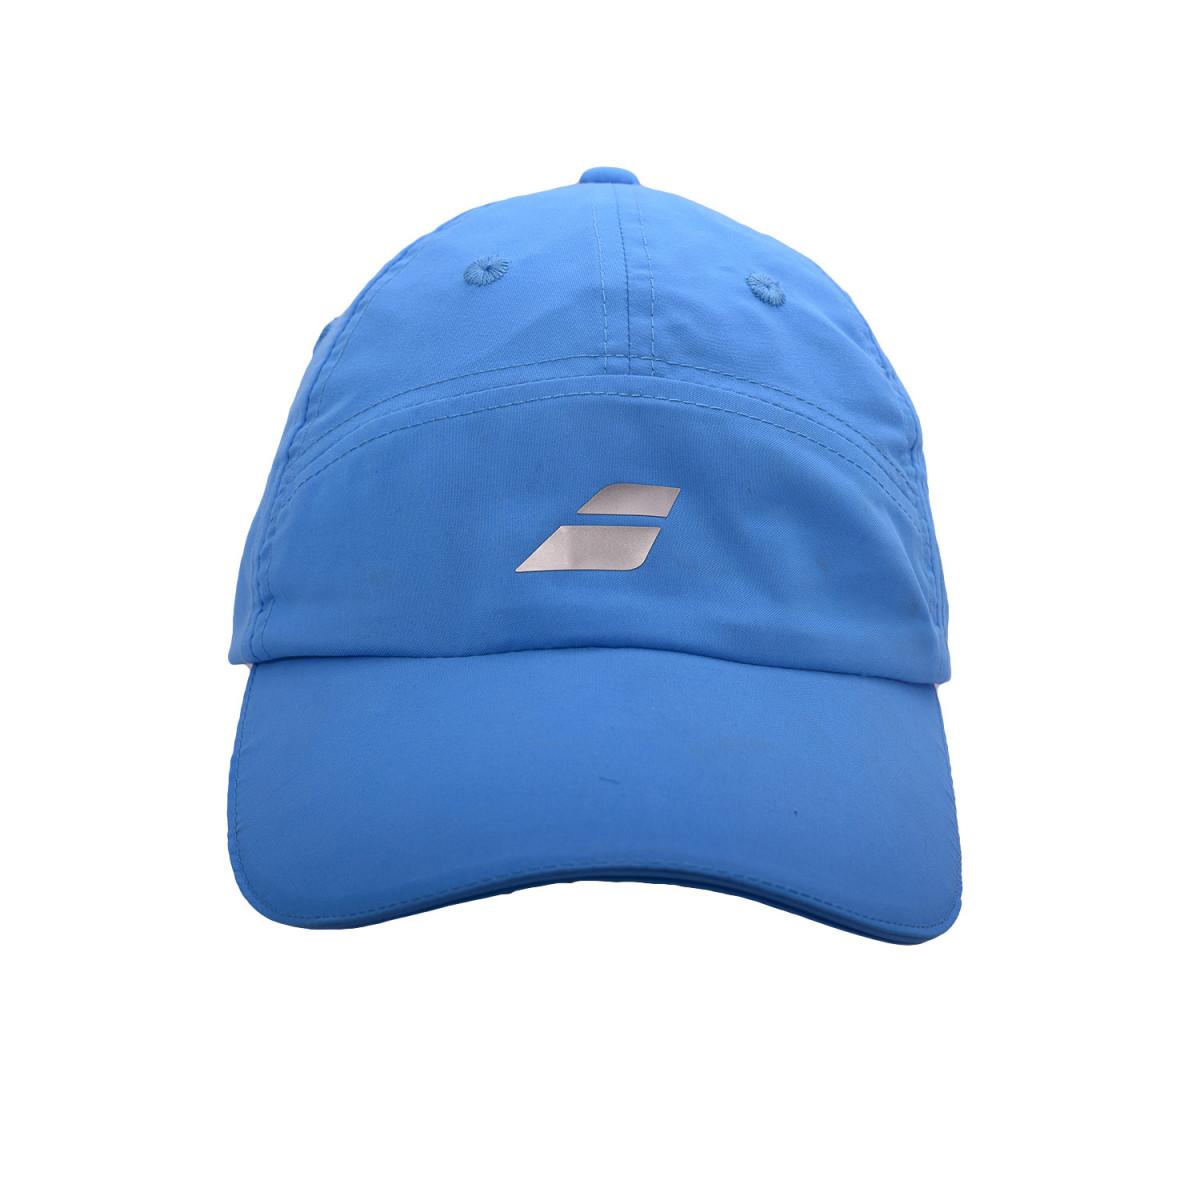 Gorra Babolat Microfiber - Caps - Gorros - Accesorios - Hombre 997240df086